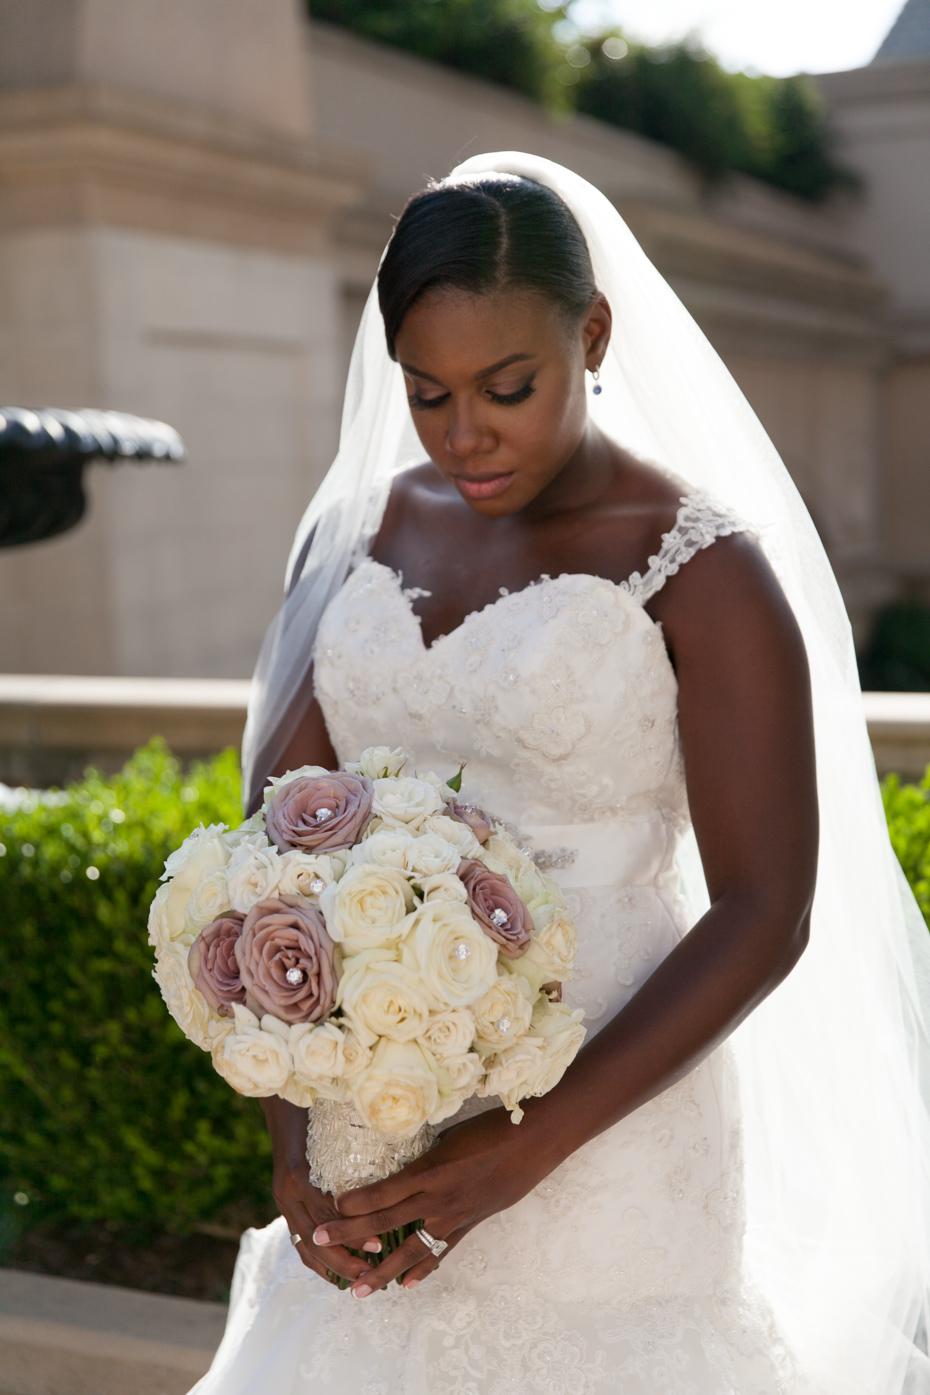 Wedding at St. Regis Atlanta